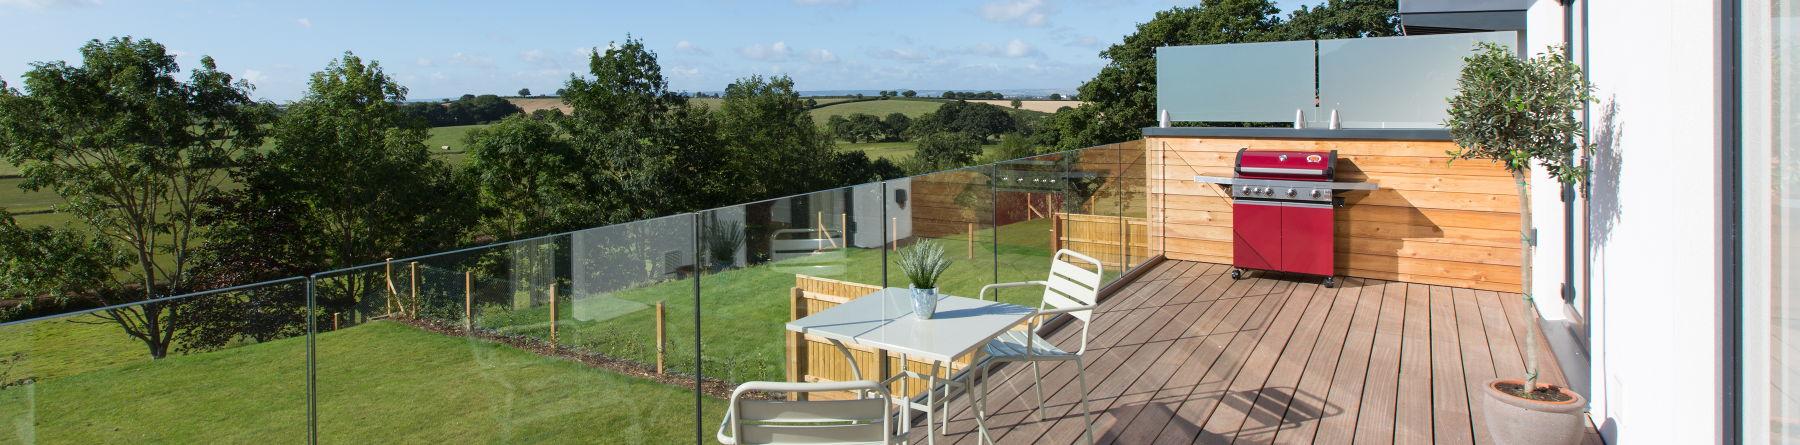 special-views-cedar-court-balcony